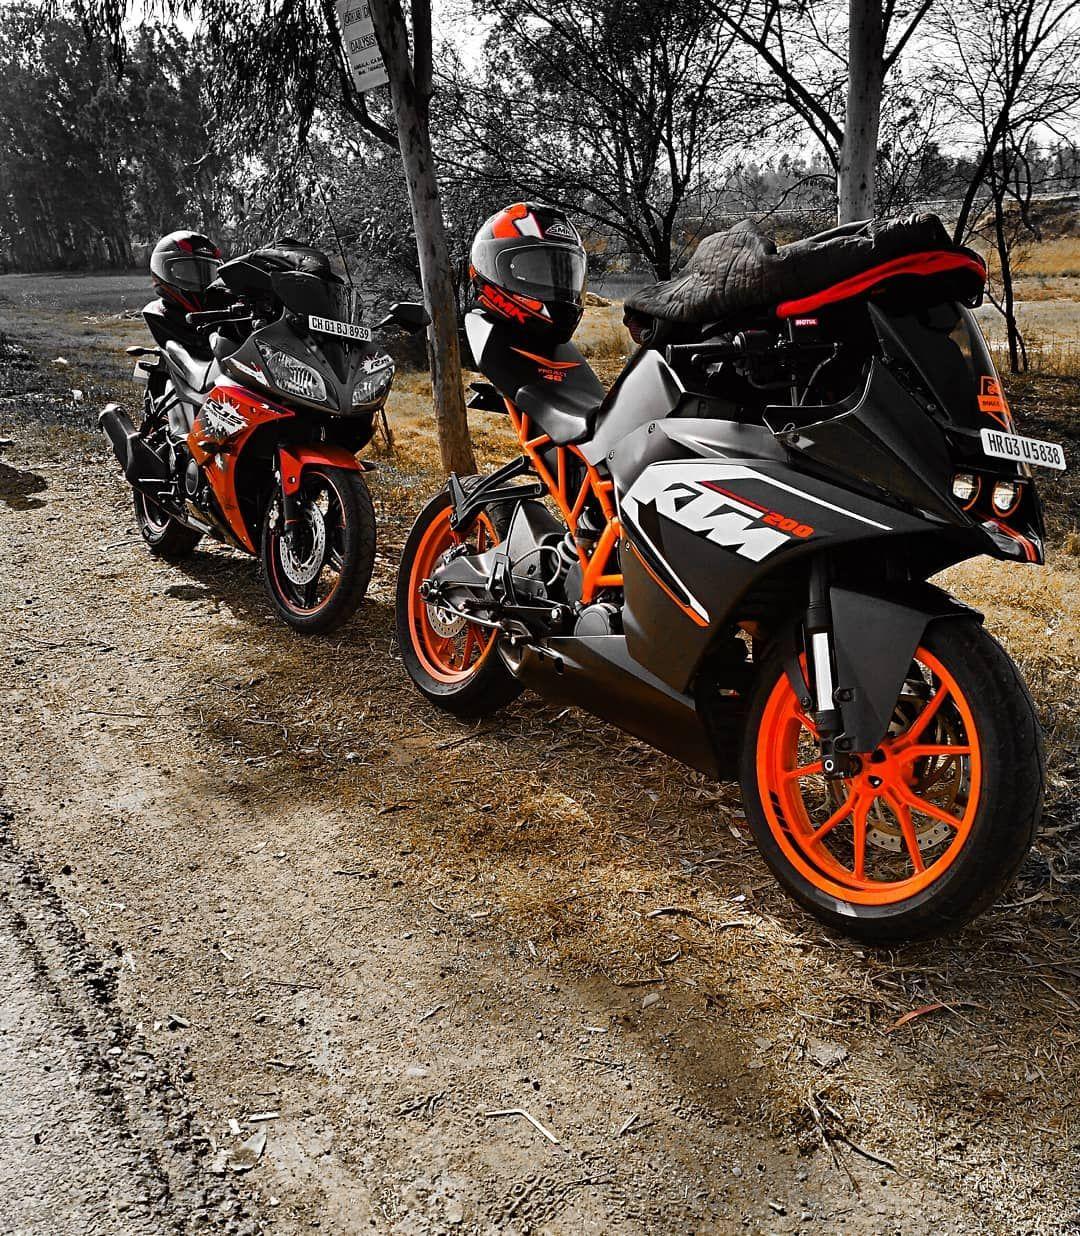 Pin oleh Mansoor di Motorcycles